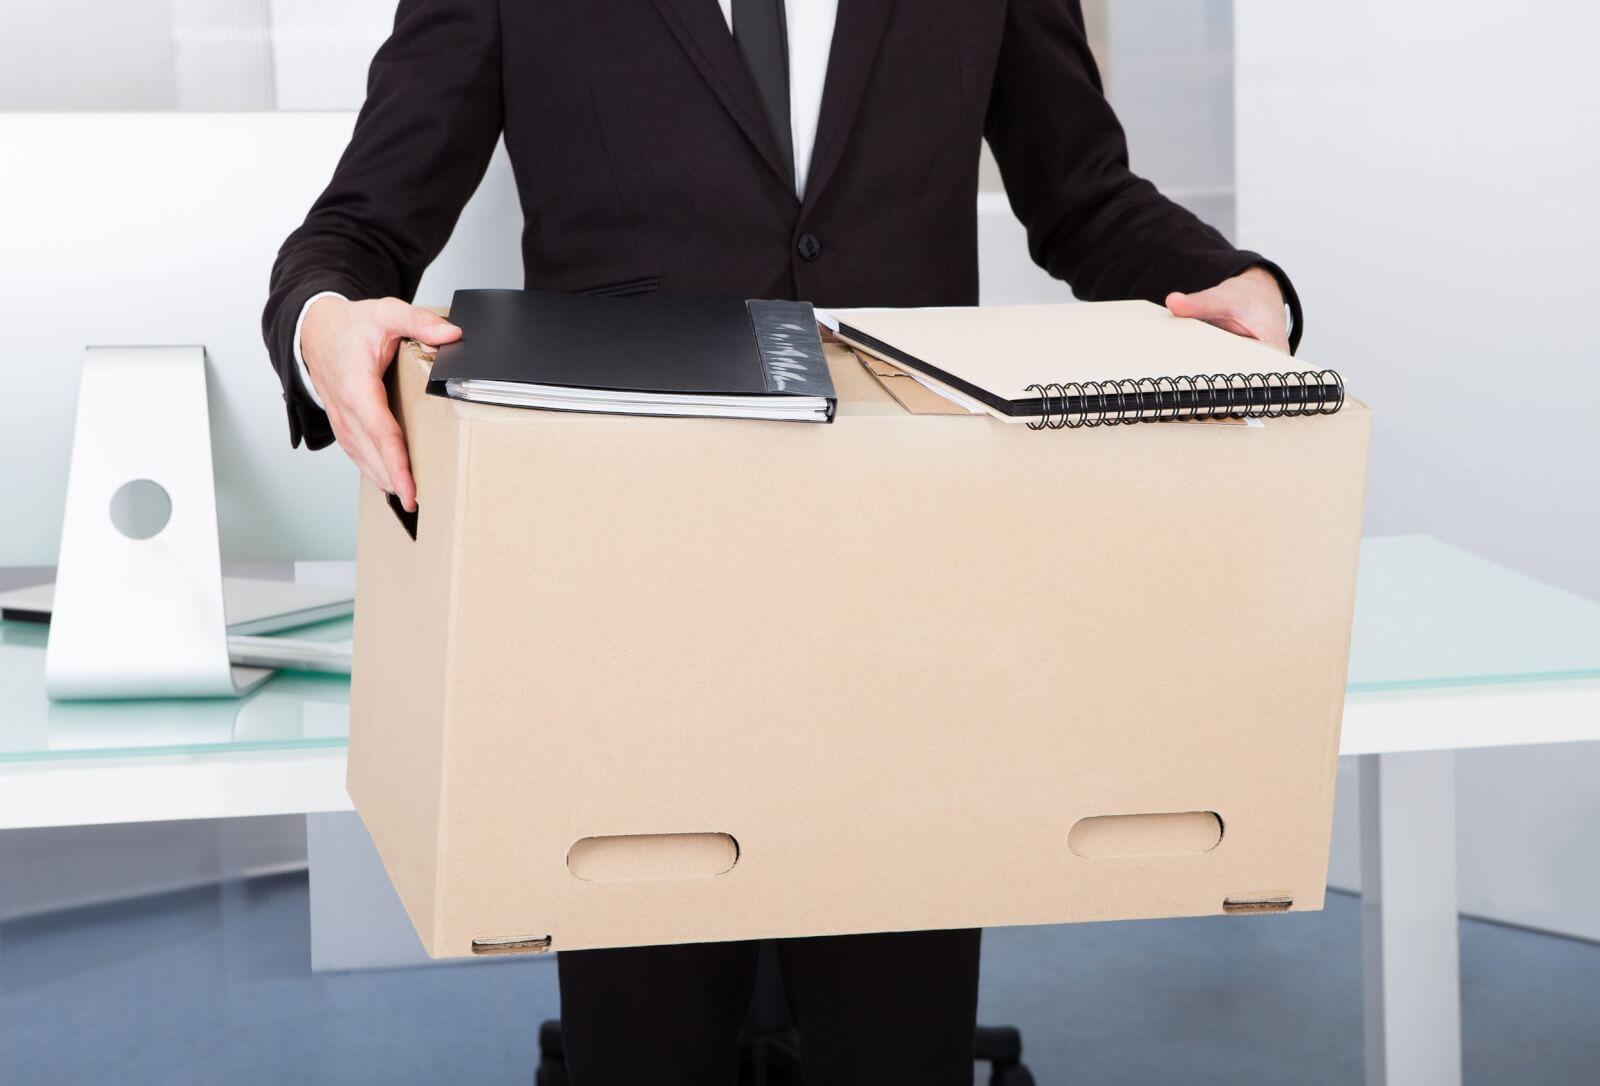 О выходном пособии, выплачиваемом при увольнении: соглашение сторон